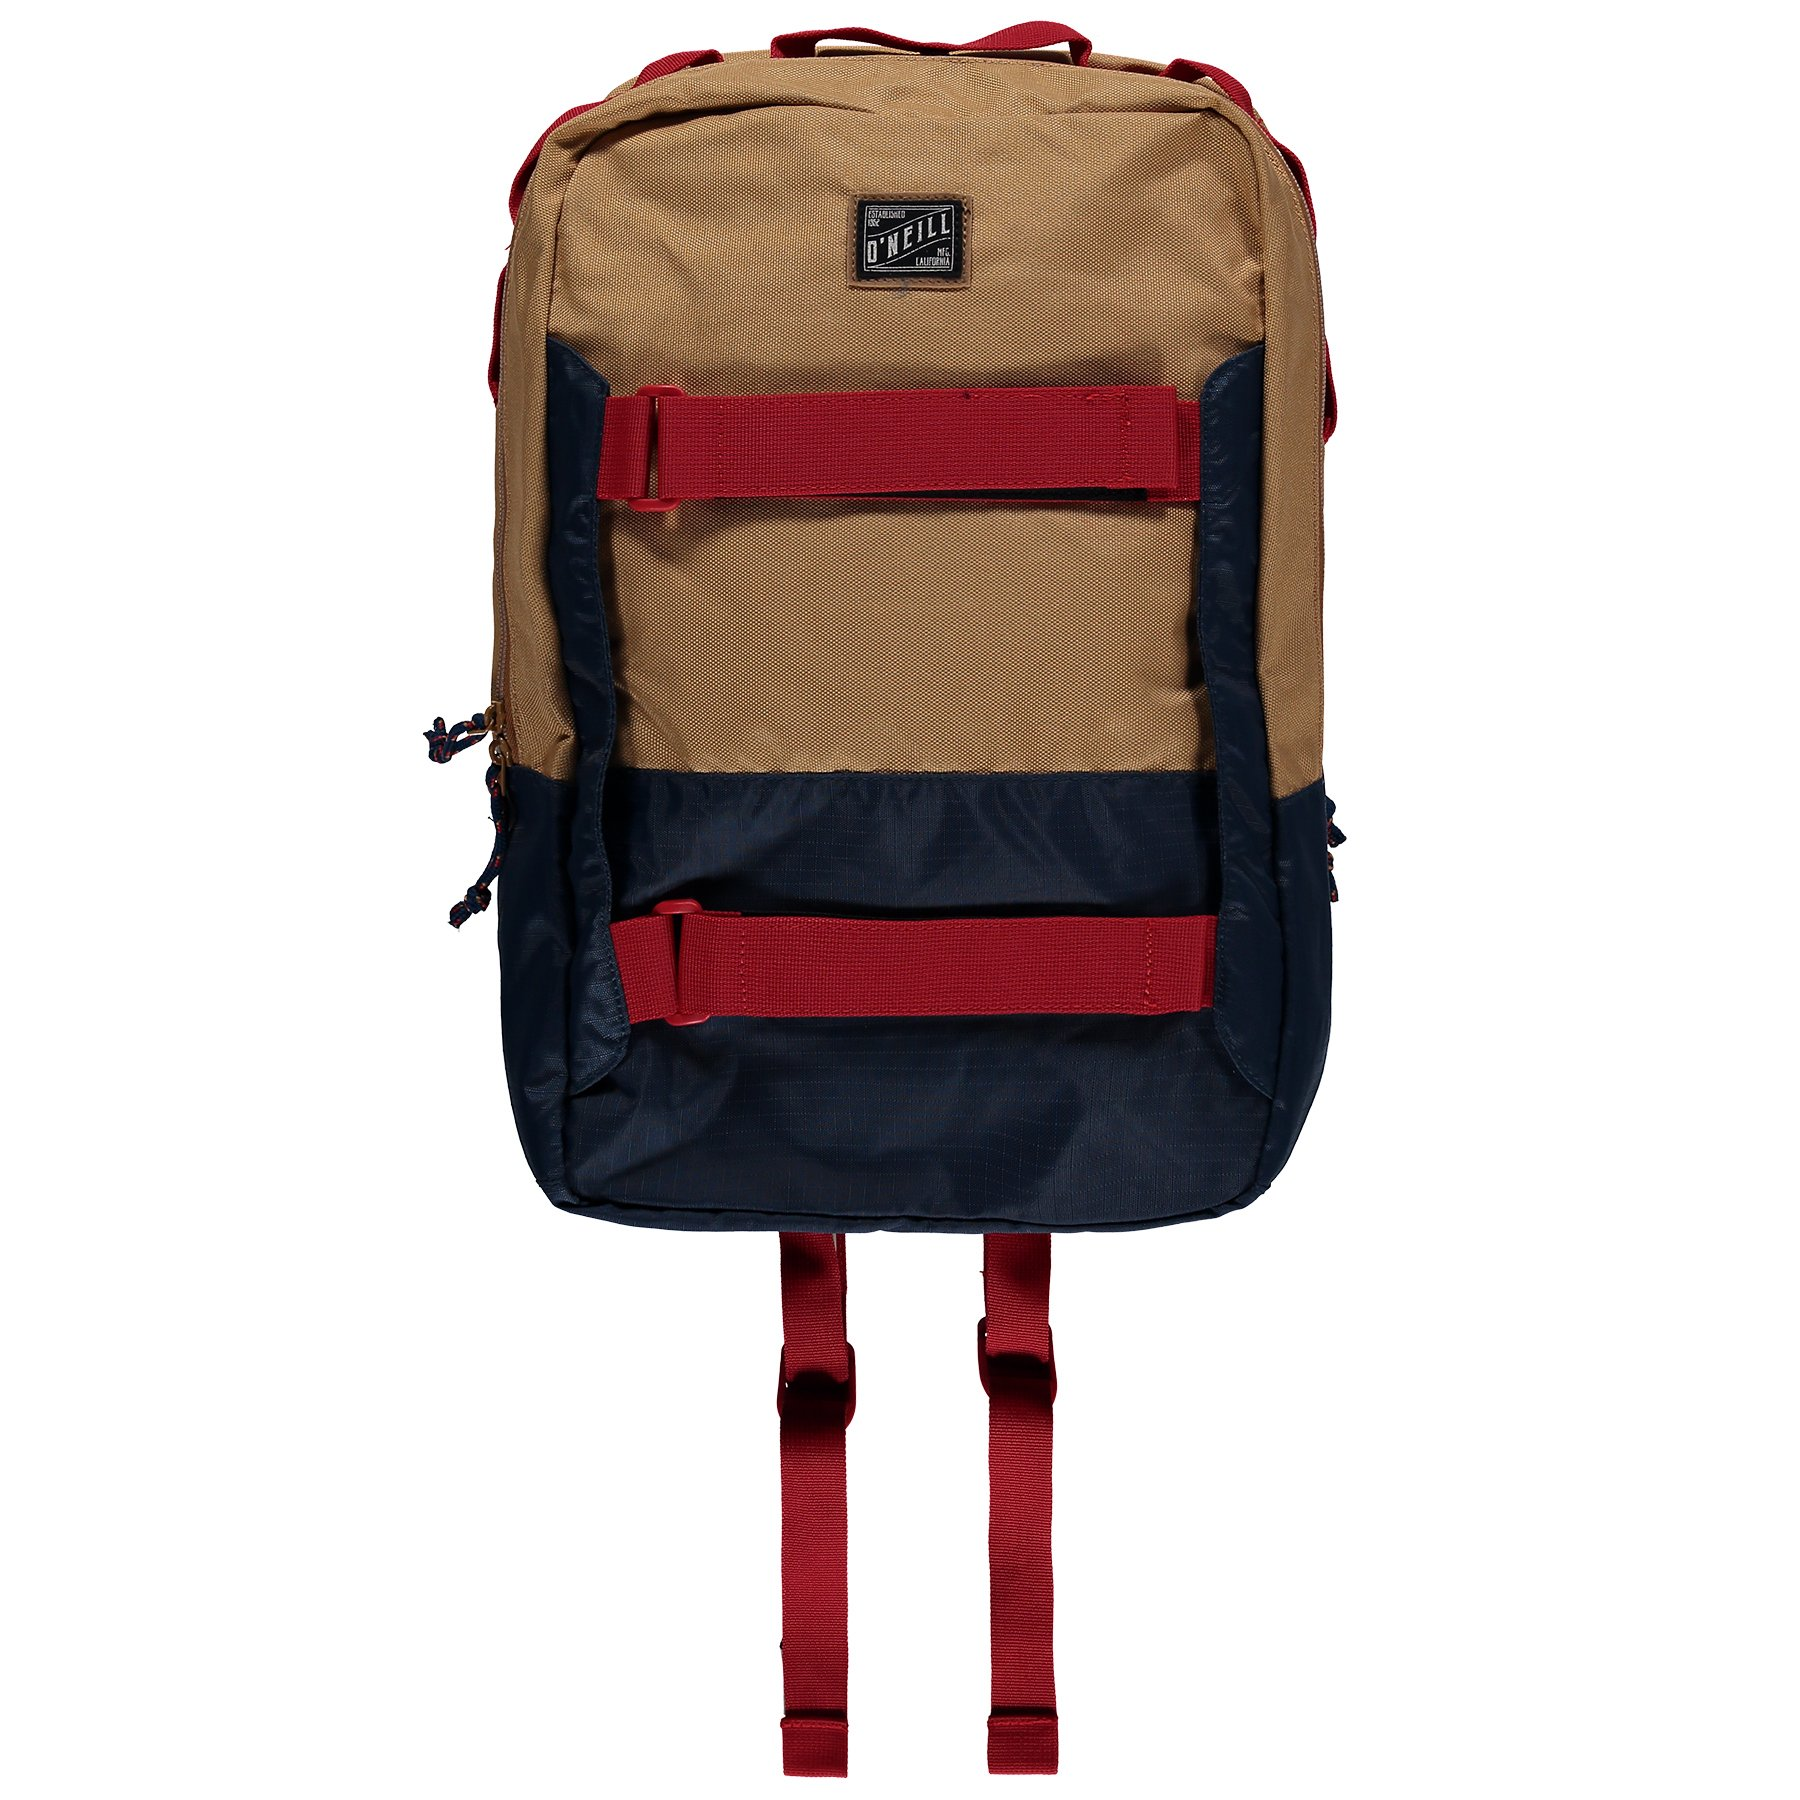 Mit diesem Rucksack steht der nächsten Surf-Expedition nichts mehr im Weg.